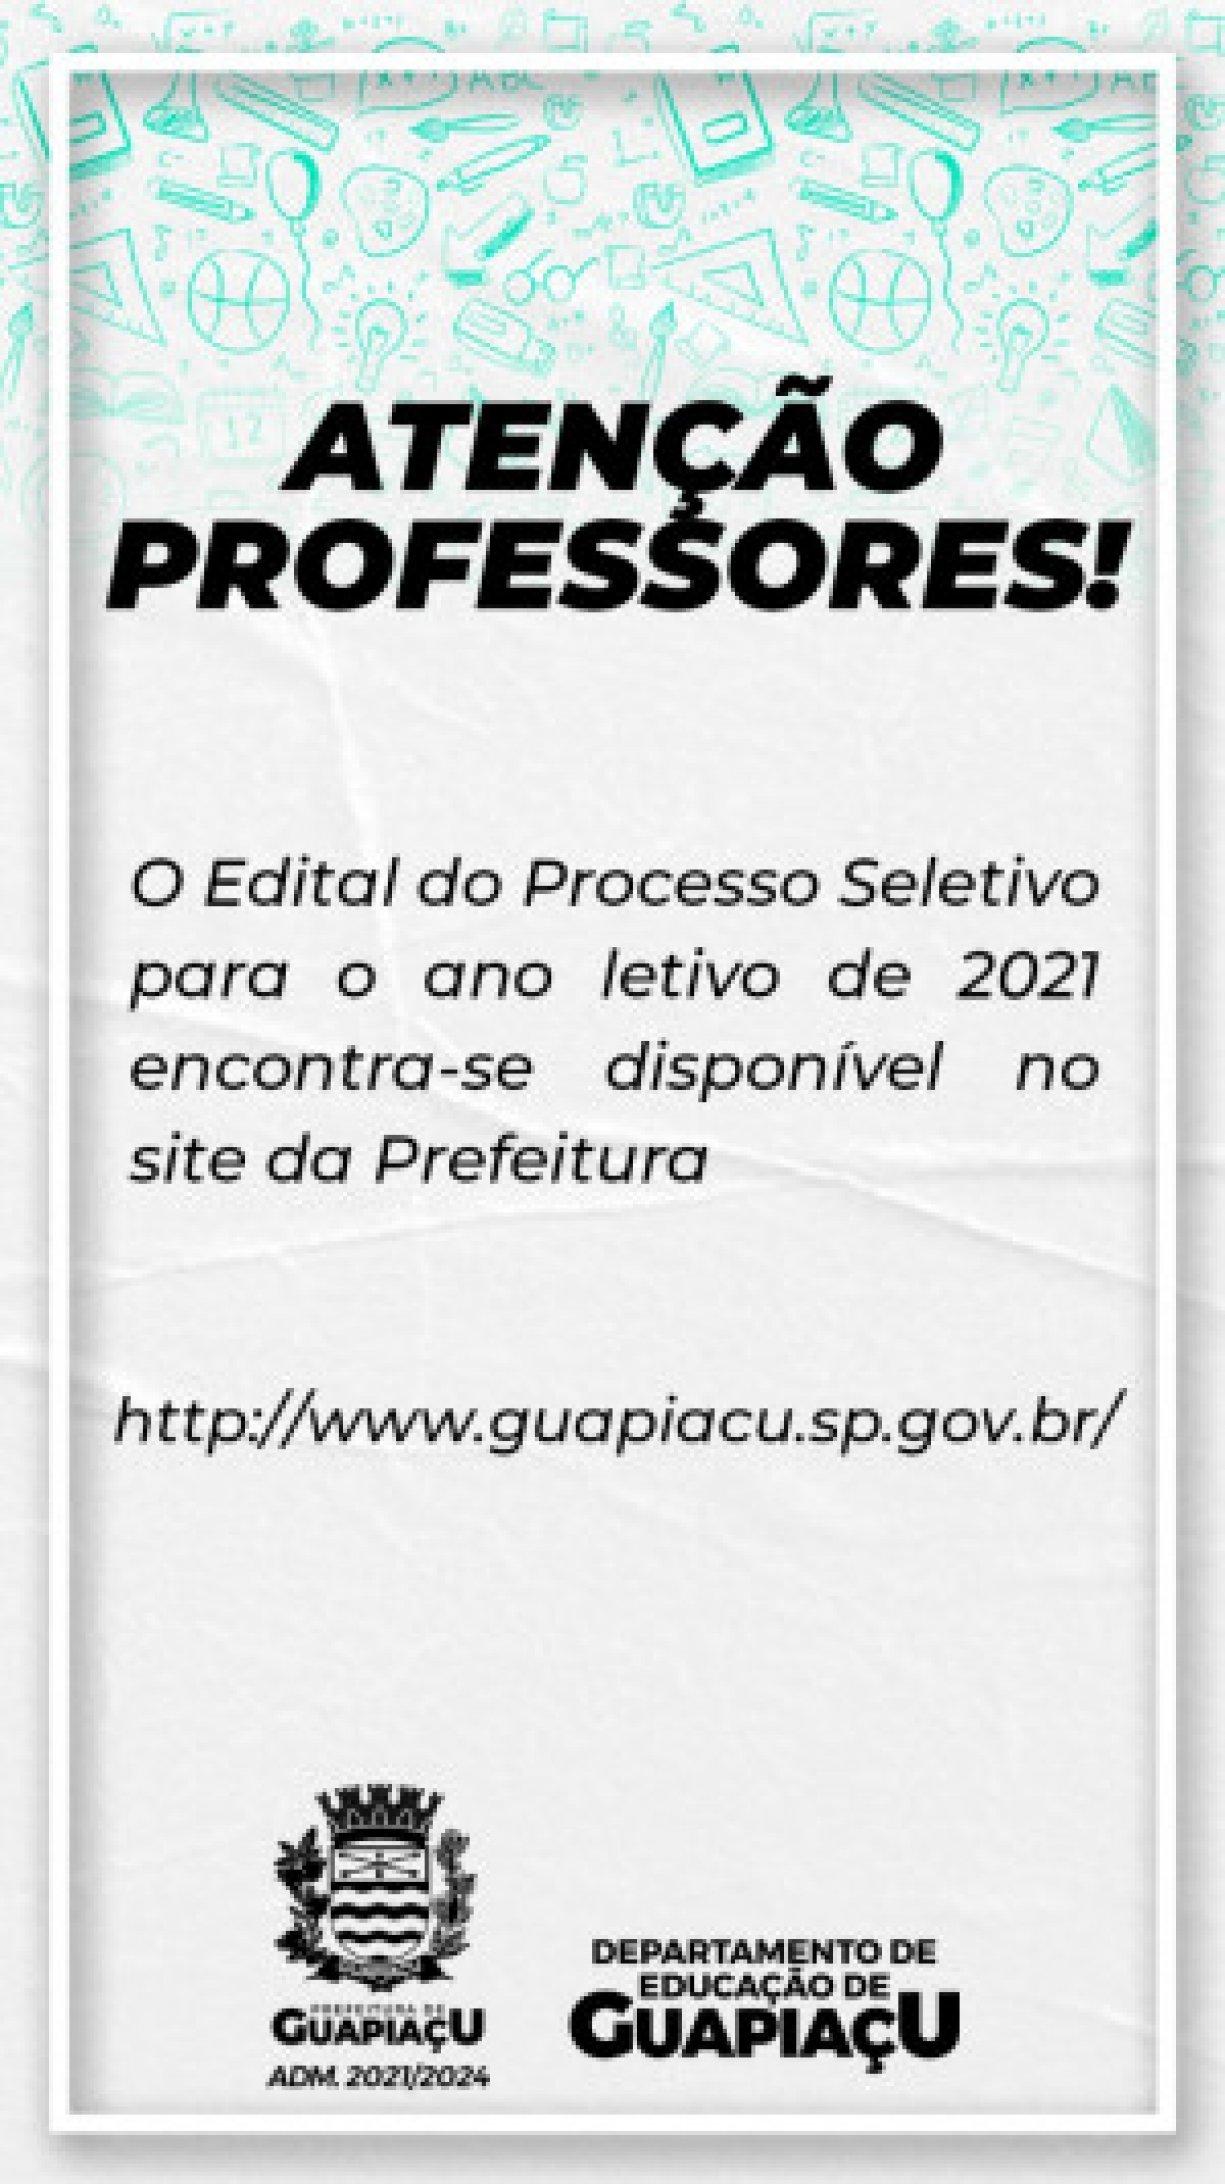 ABERTURA DO PROCESSO SELETIVO